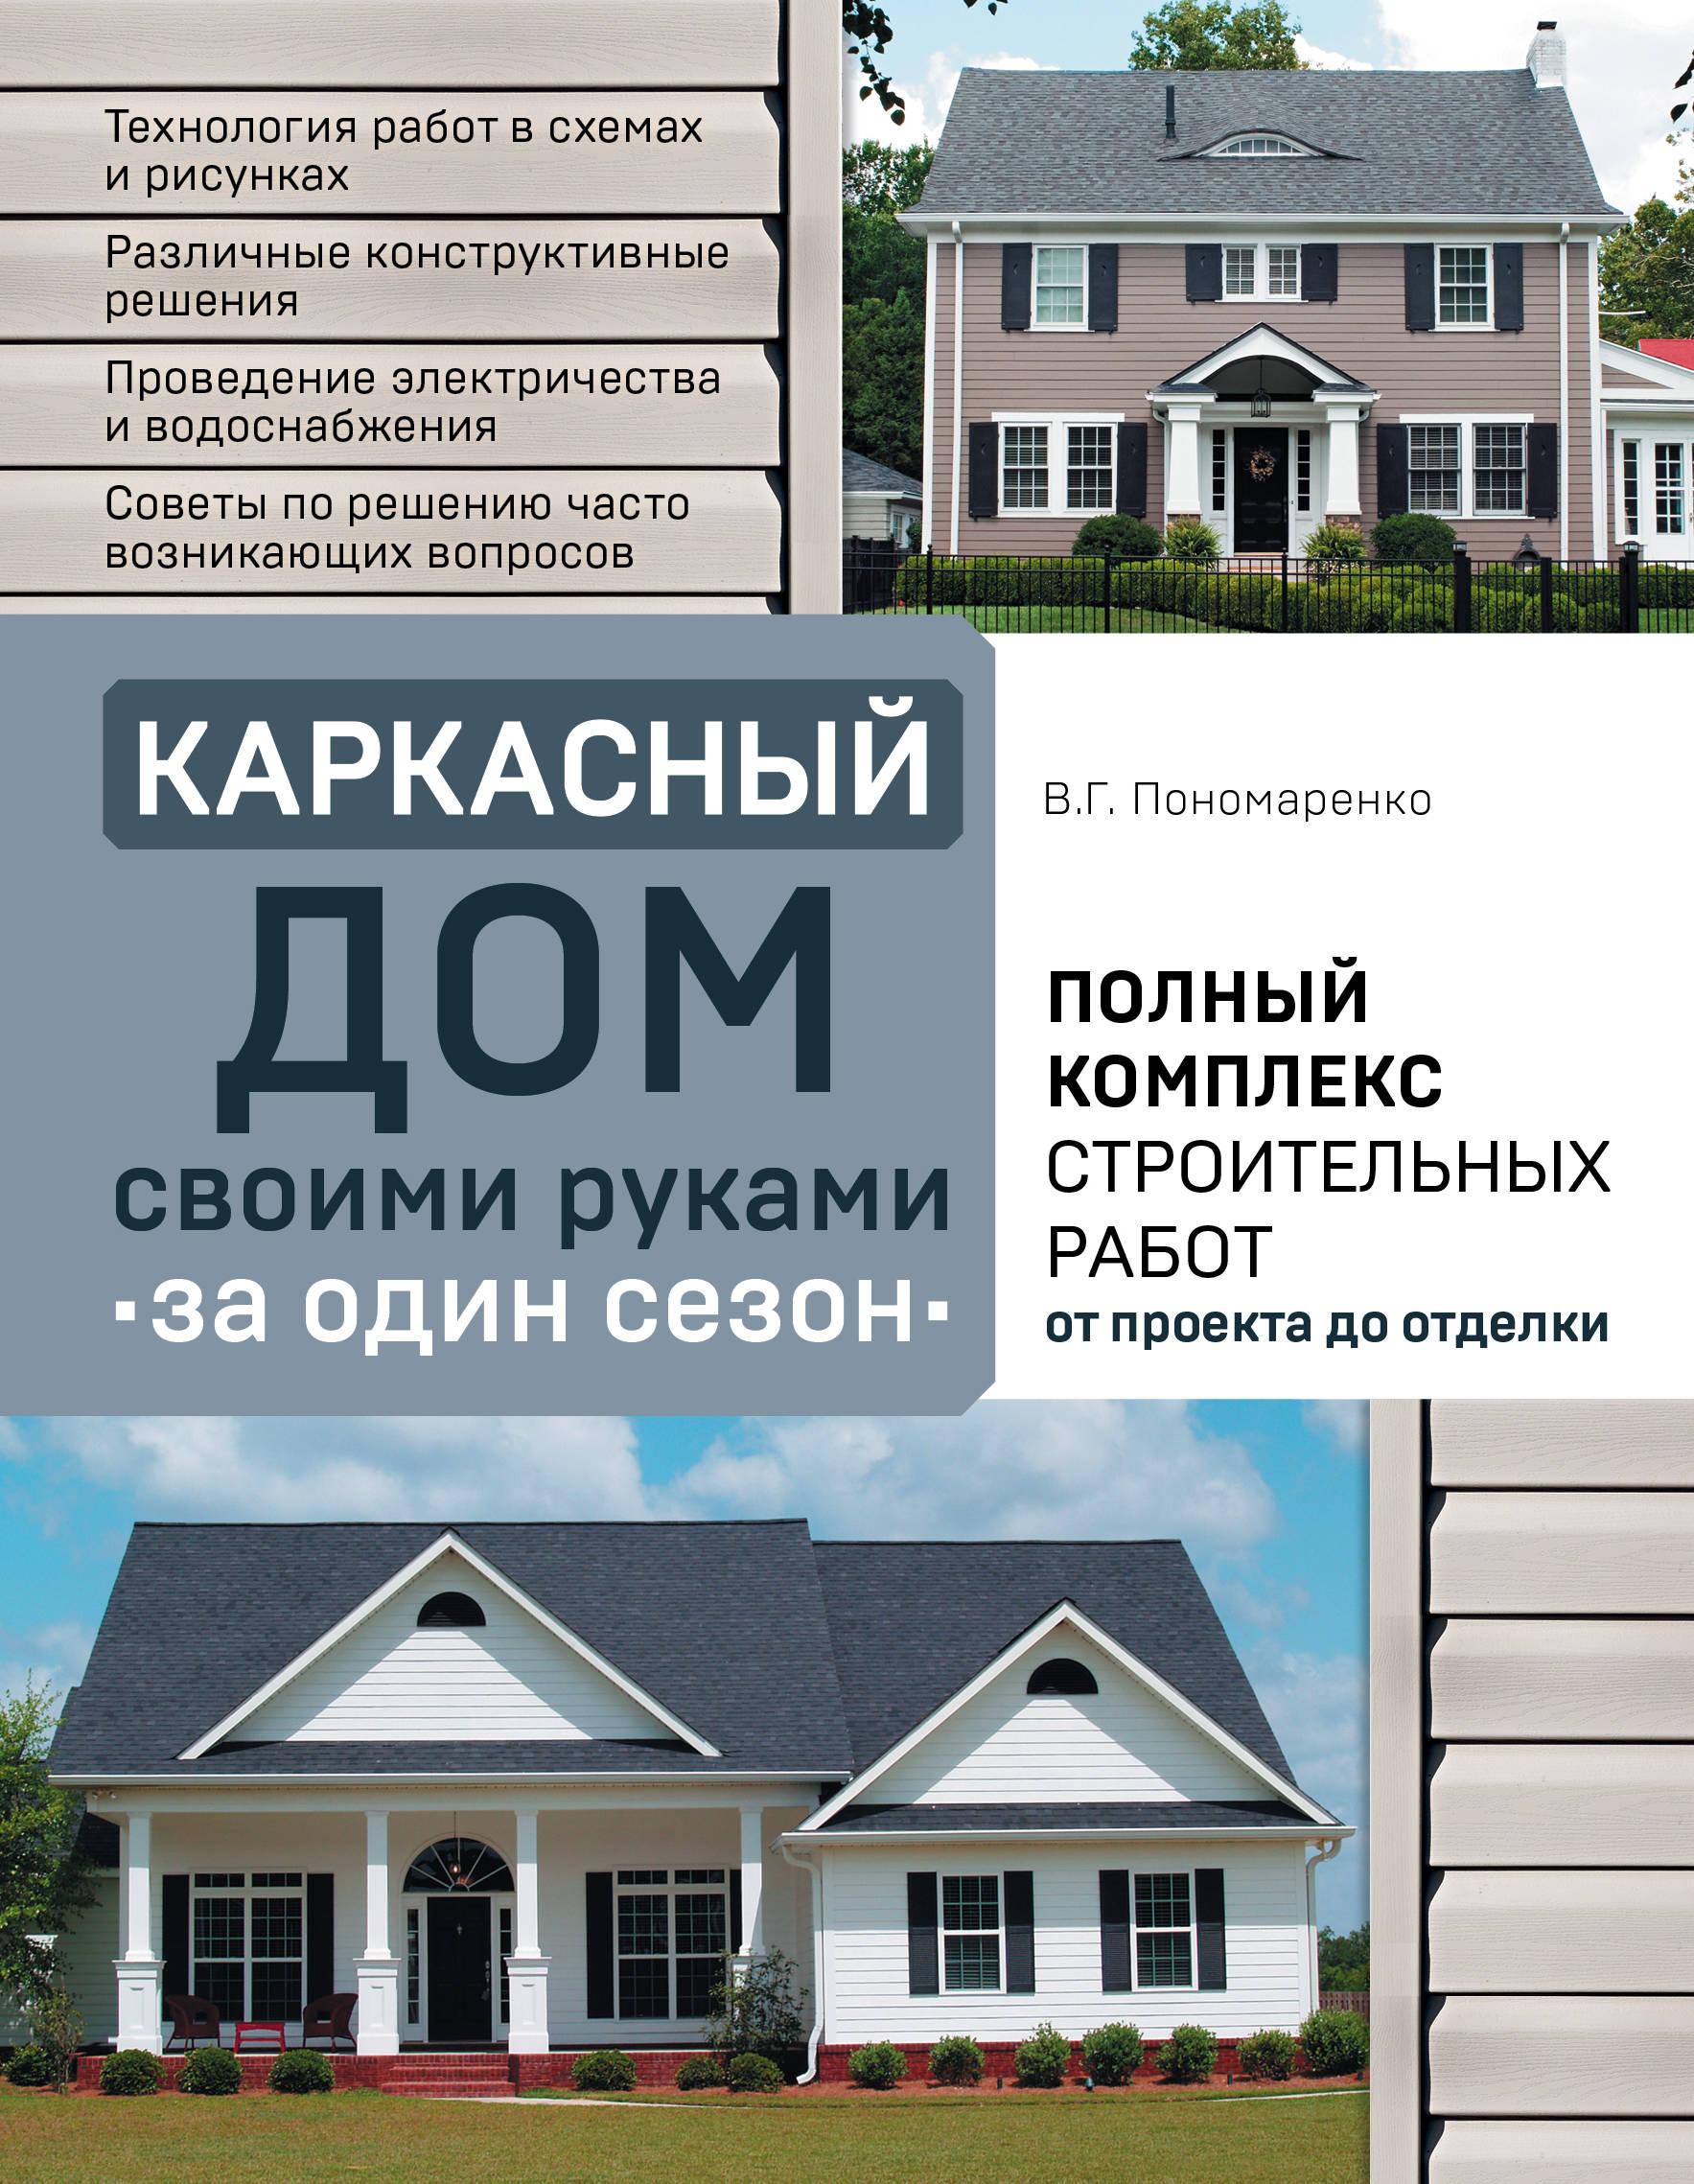 """В. Г. Пономаренко Каркасный дом """"своими руками"""" за один сезон. Полный комплекс строительных работ от проекта до отделки"""